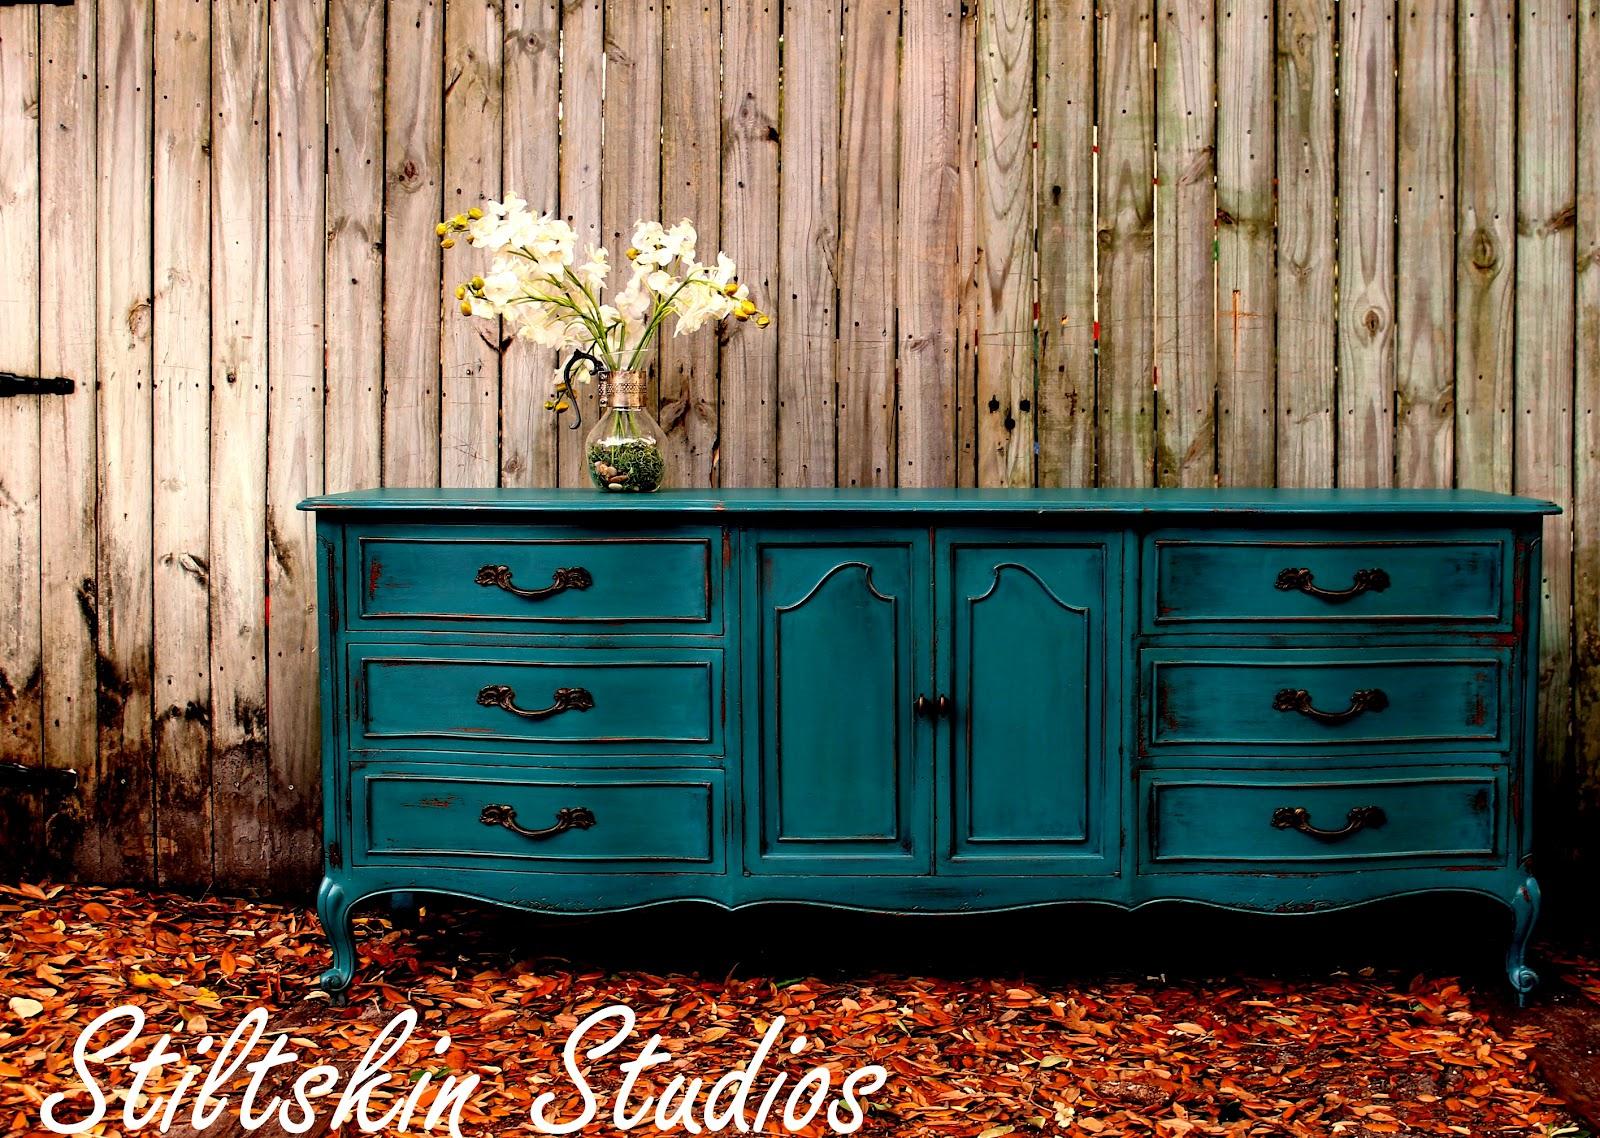 stiltskin studios peacock blue dresser. Black Bedroom Furniture Sets. Home Design Ideas